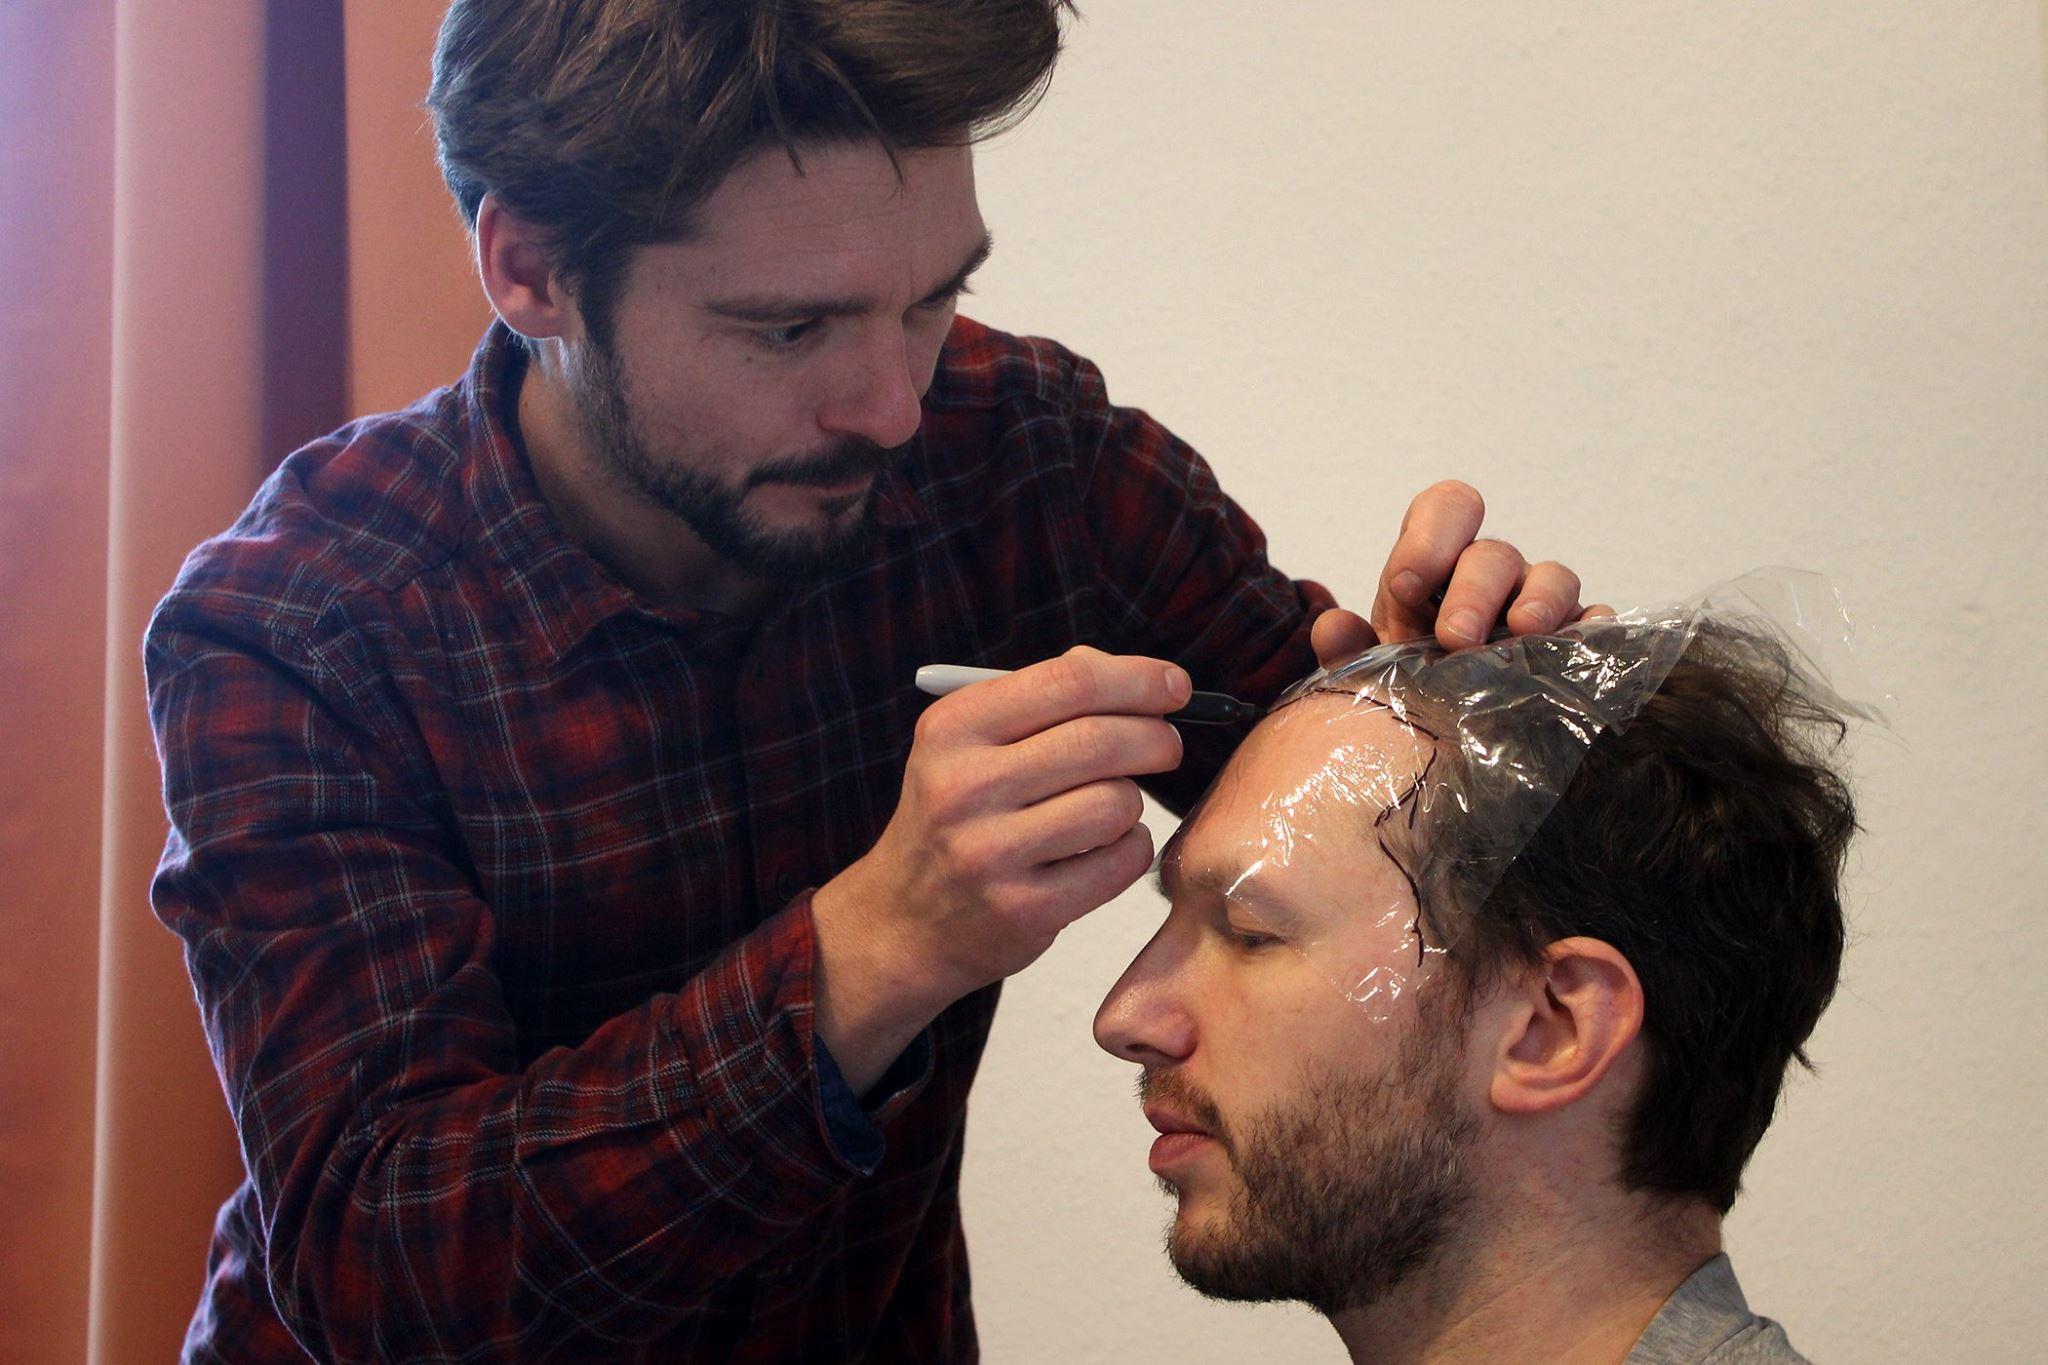 In weniger als drei Wochen wird gedreht… gestern standen Maskentests und Kostümprobe auf dem Programm.